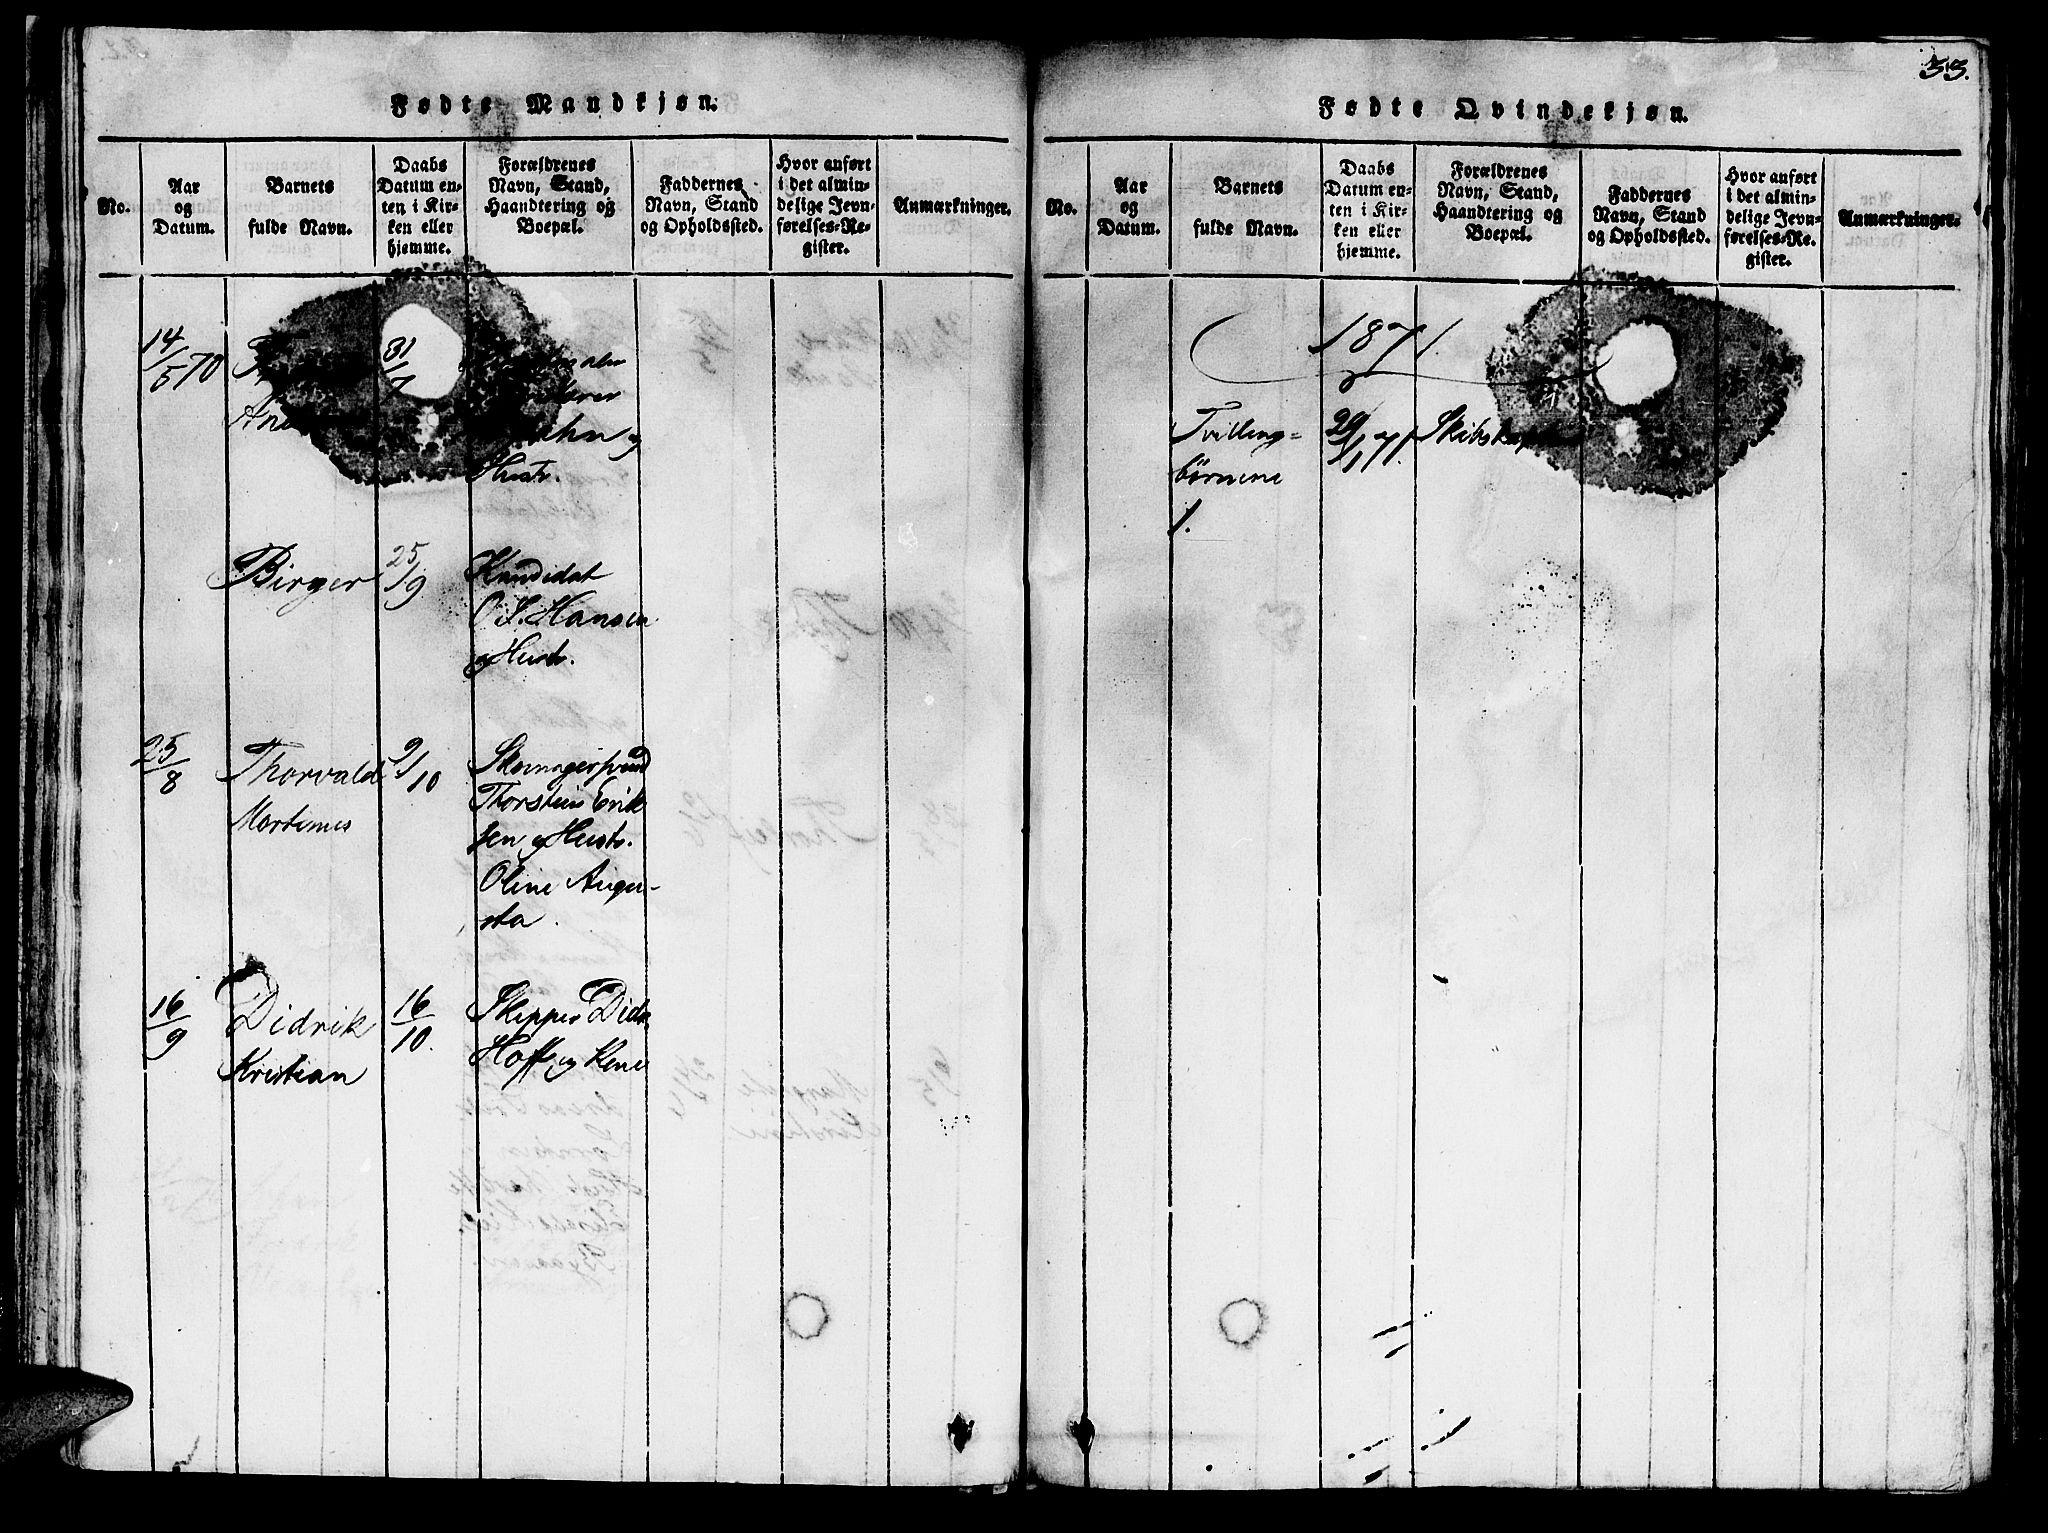 SAT, Ministerialprotokoller, klokkerbøker og fødselsregistre - Sør-Trøndelag, 623/L0478: Klokkerbok nr. 623C01, 1815-1873, s. 33